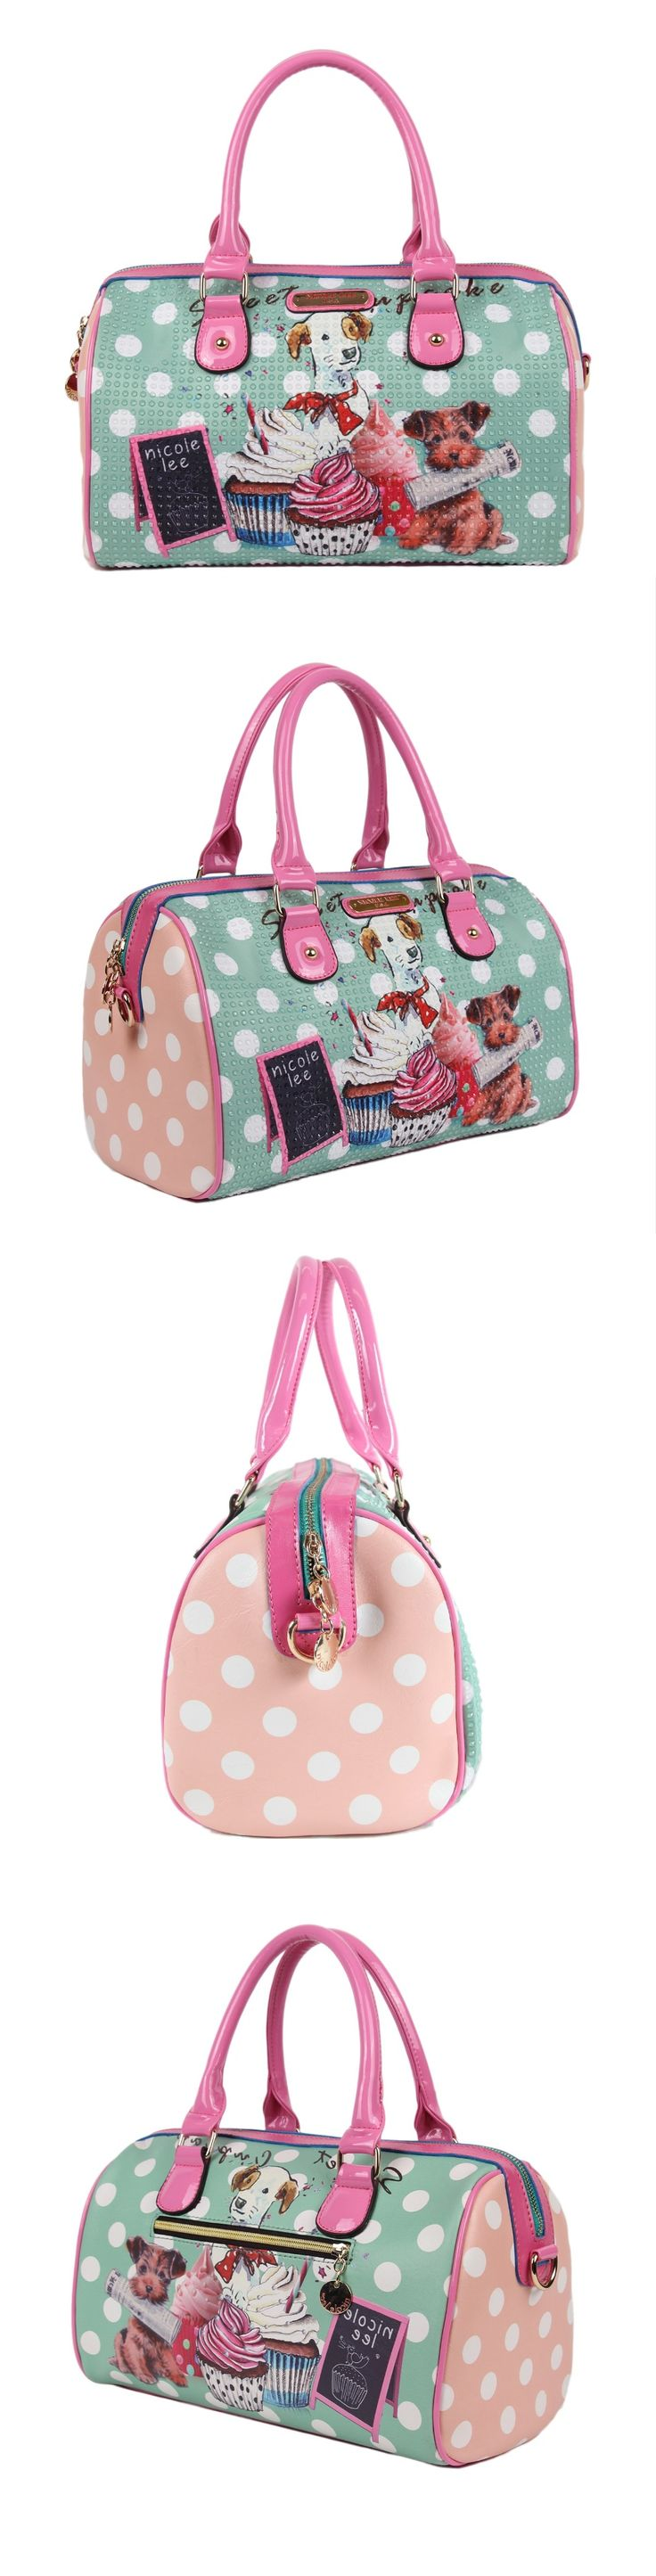 CUPCAKE DOG PRINT BOSTON BAG by Nicole Lee #nicolelee #nicolelee2014 #handbag